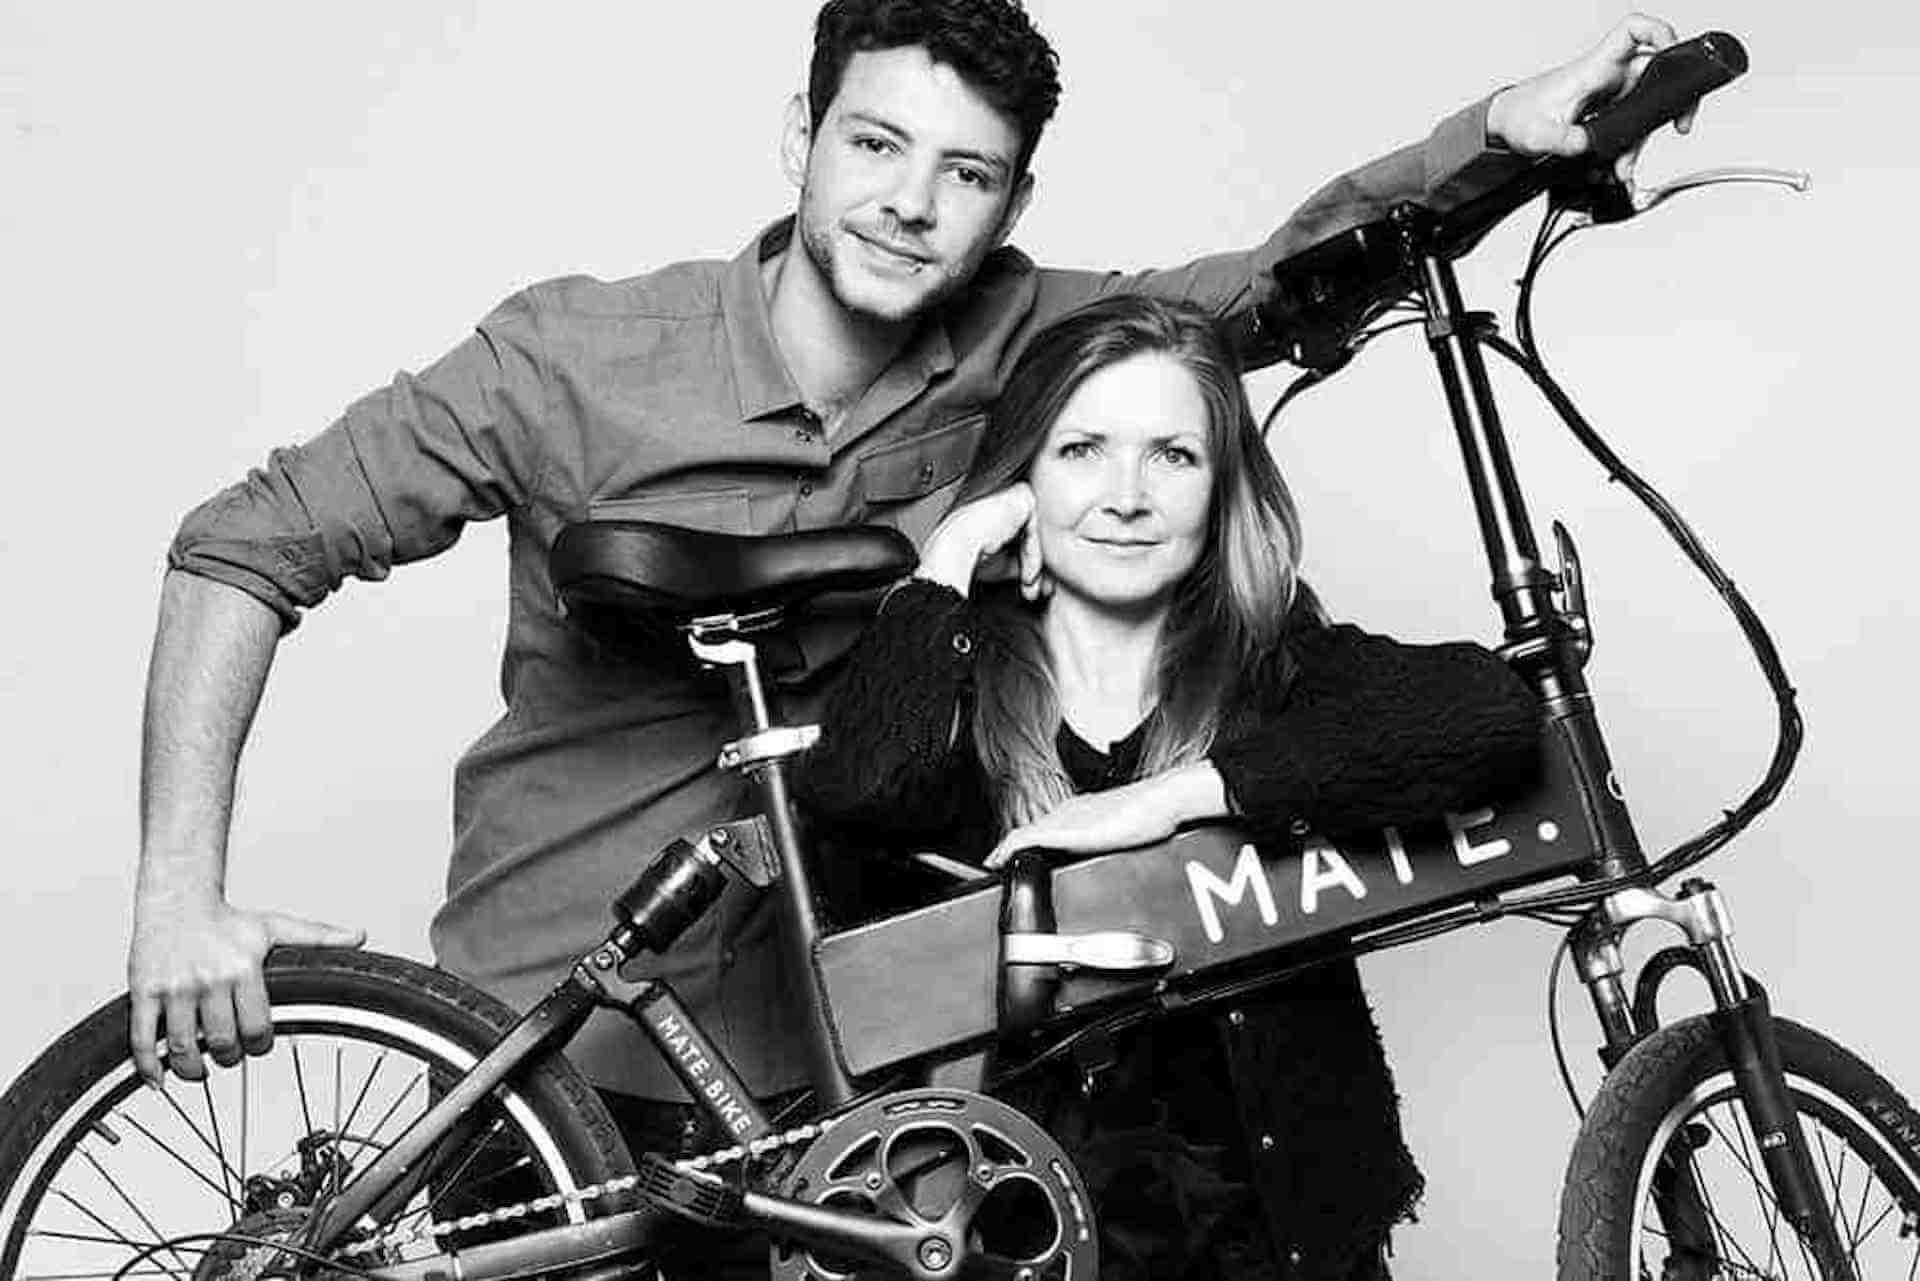 電動自転車ブランド「MATE. BIKE」世界初の旗艦店が恵比寿にオープン!窪塚洋介がジャパンアンバサダーに就任 tech210331_mate_bike_6